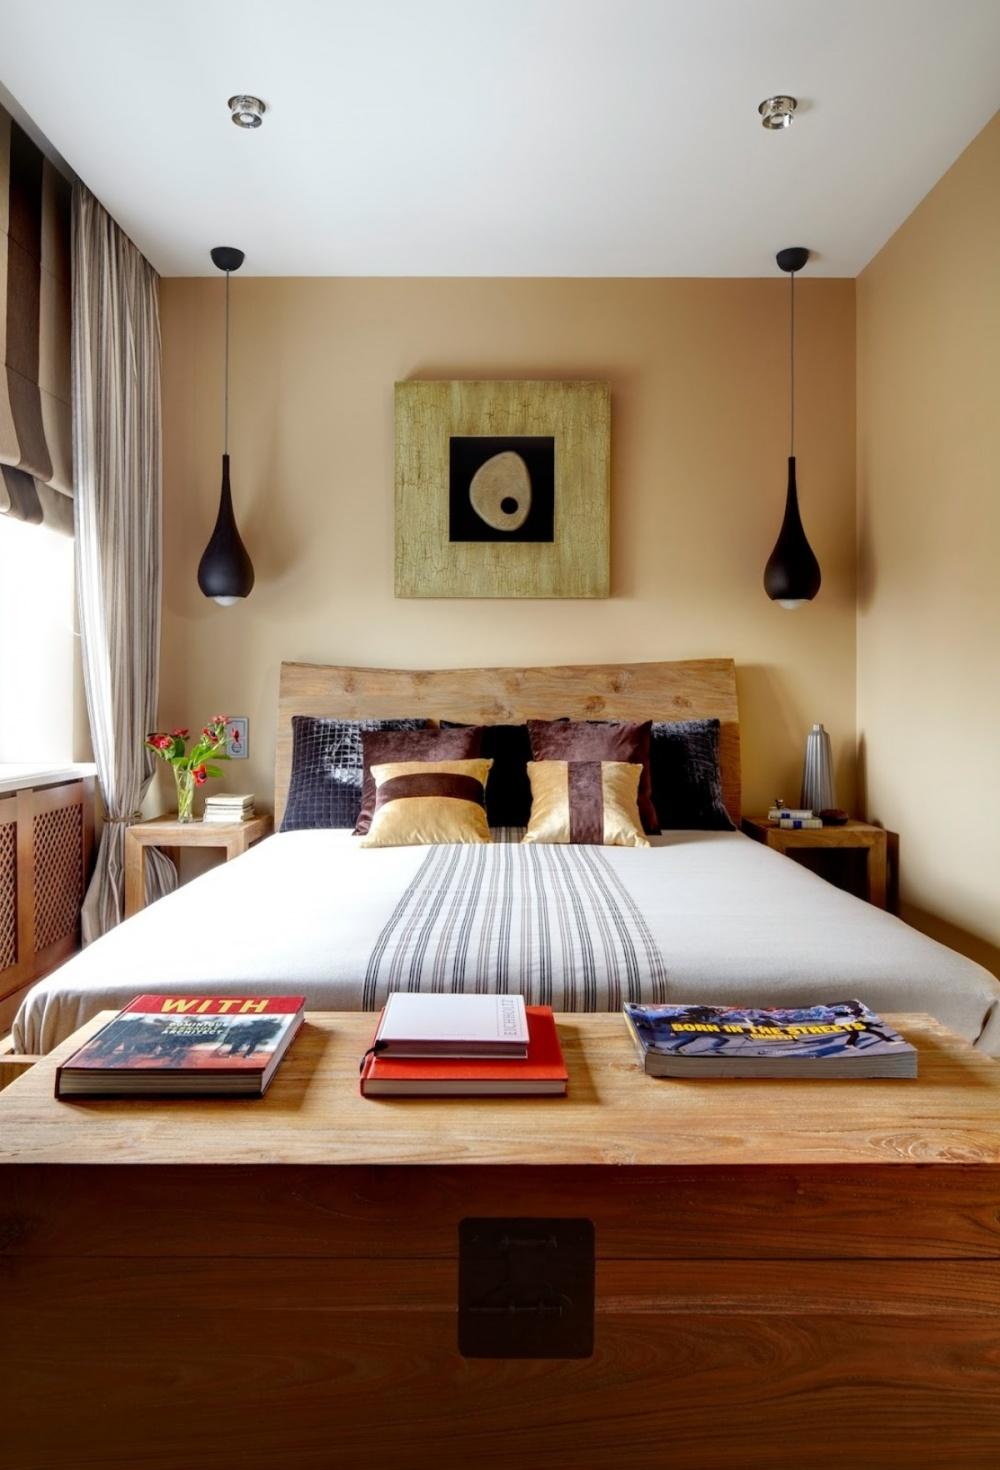 Ảnh: Giải pháp thiết kế nội thất cho phòng ngủ diện tích nhỏ 3